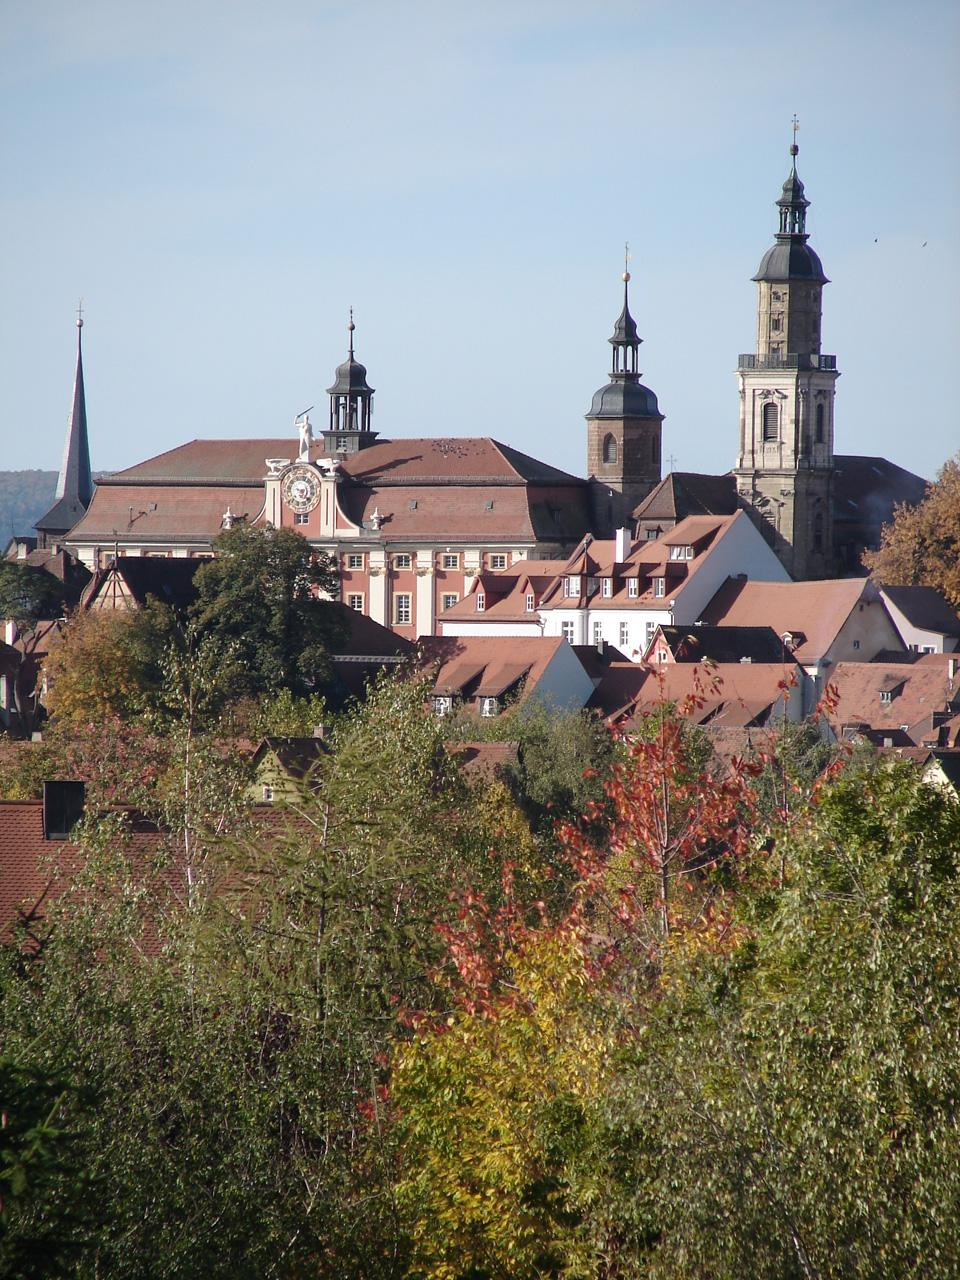 Windsheim 1517